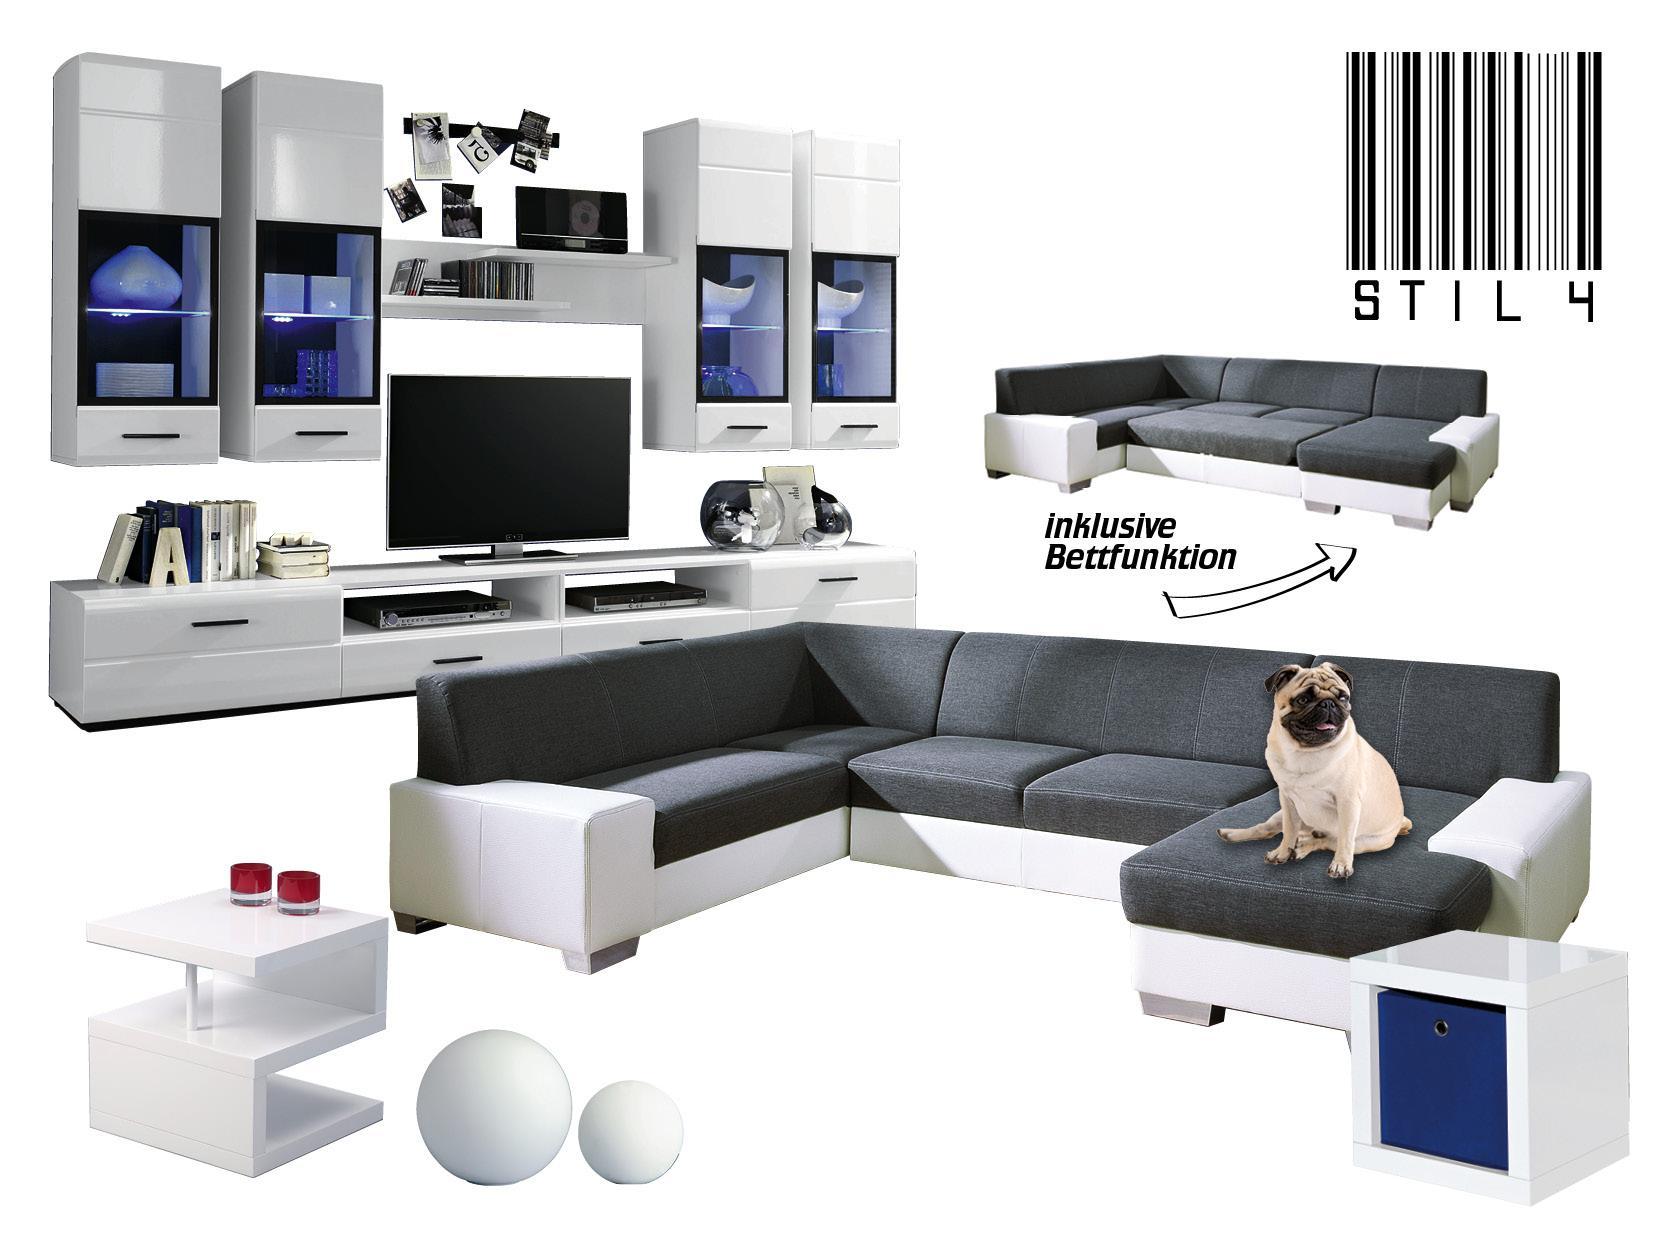 Ideen für modernes wohnzimmer  Modernes Wohnzimmer • Bilder & Ideen • COUCHstyle